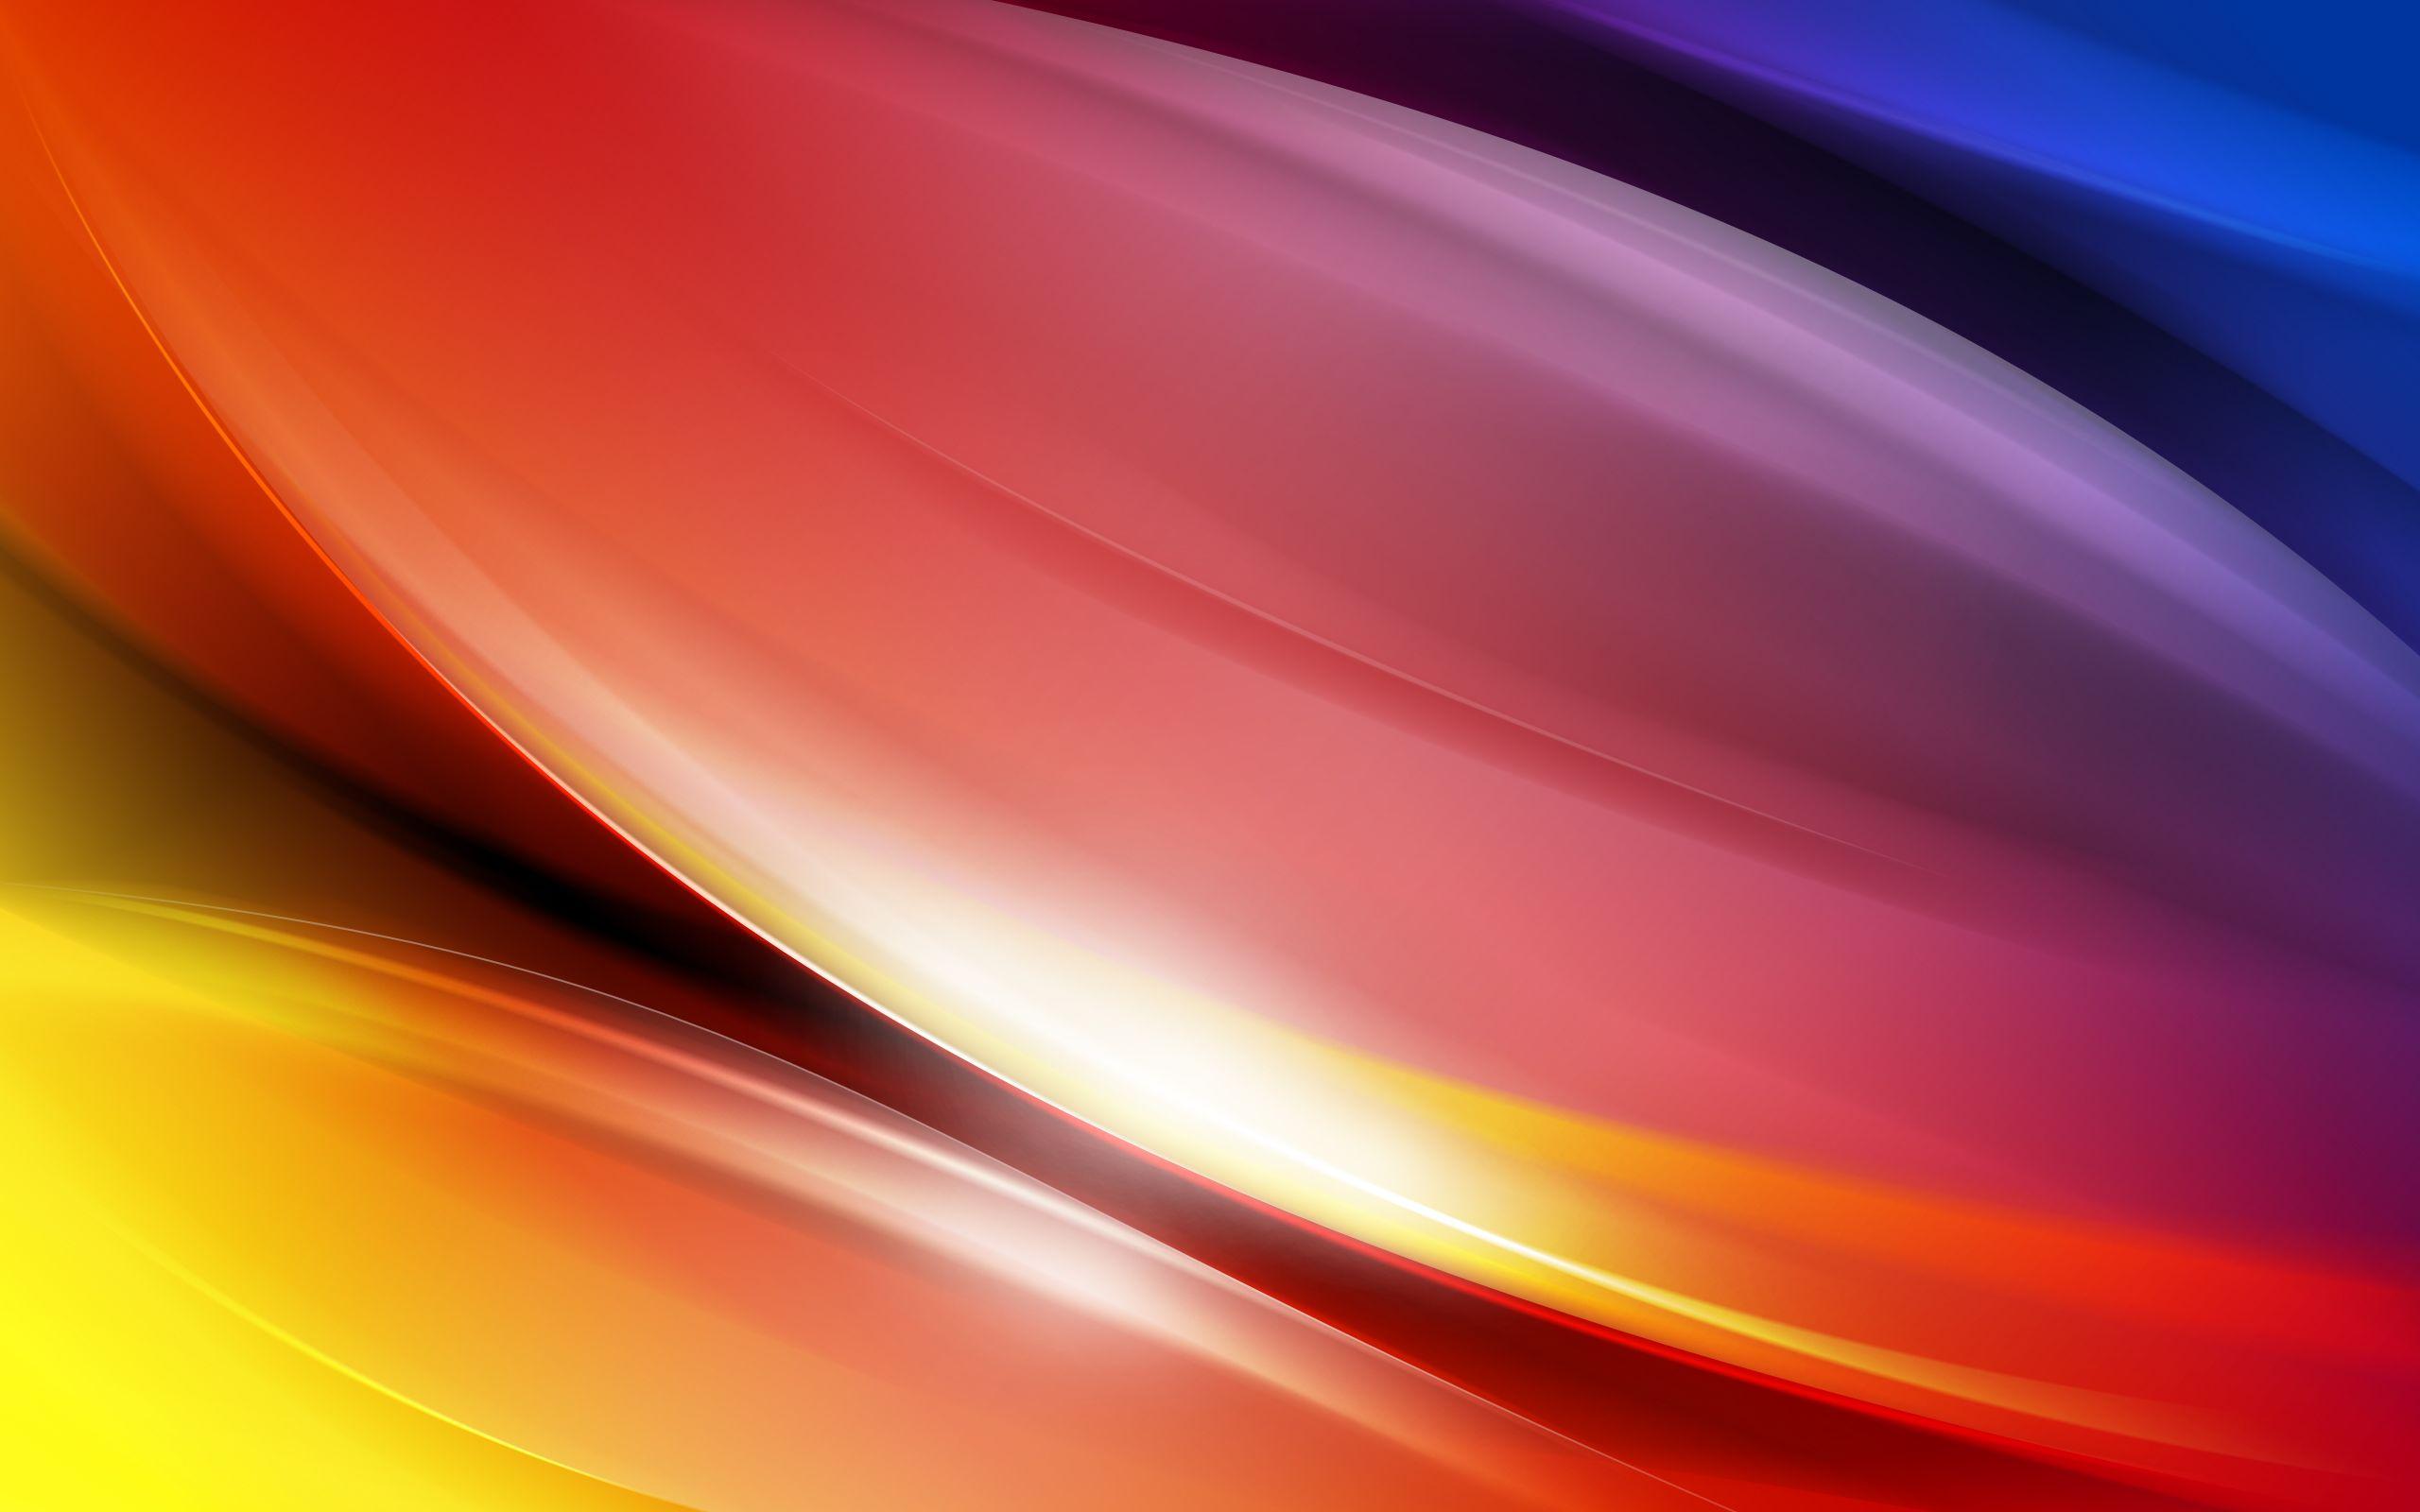 Fond d 39 ecran colore for Fond ecran or